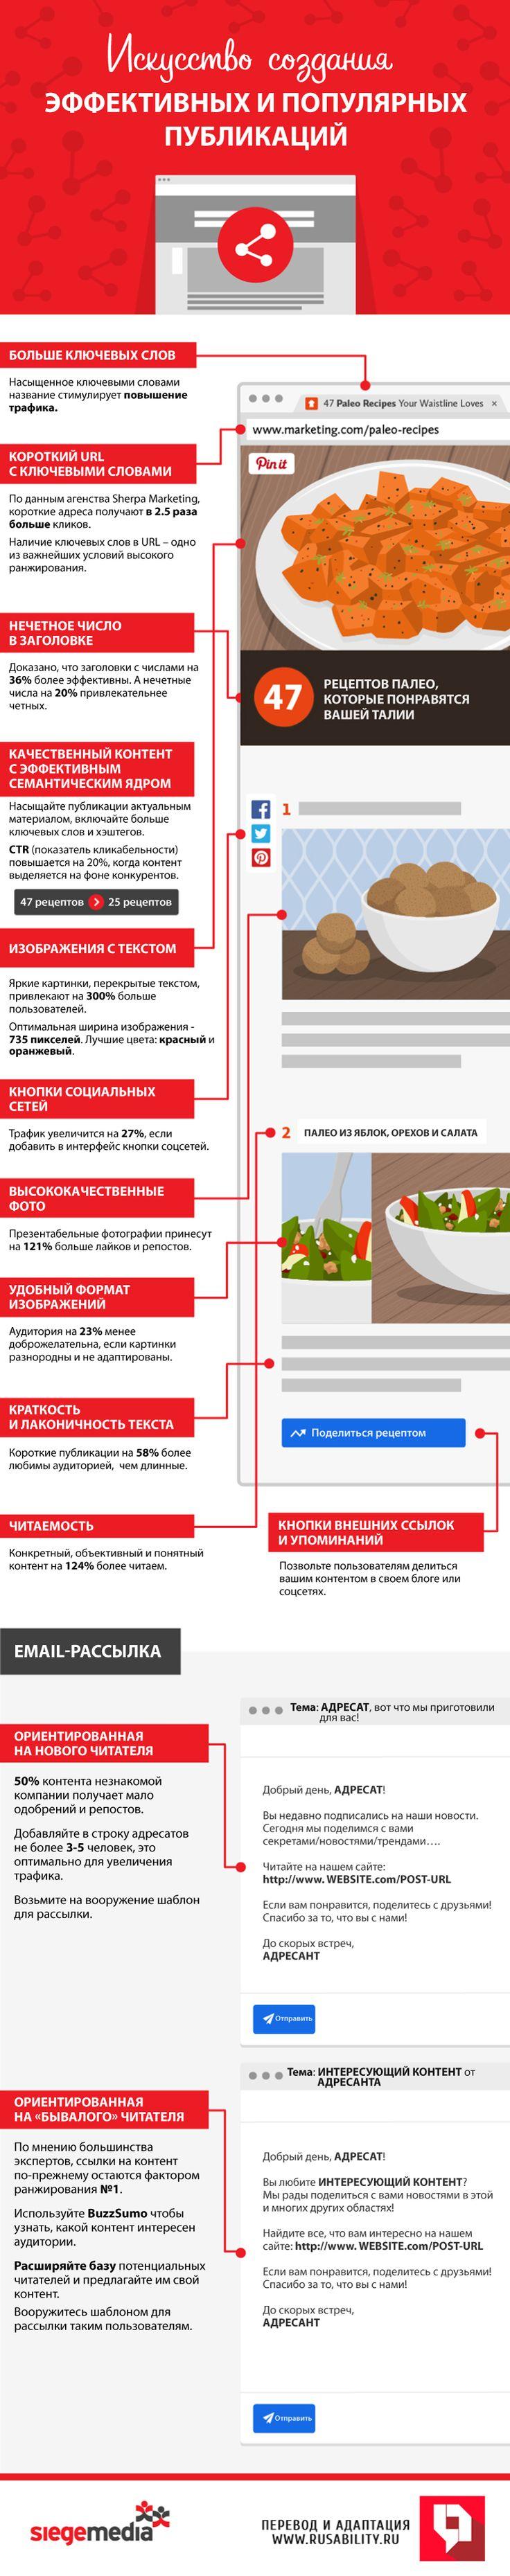 Куратор контента, курирование, контент, маркетинг, контент-маркетинг, публикации, заголовки, email-рассылка, инфографика